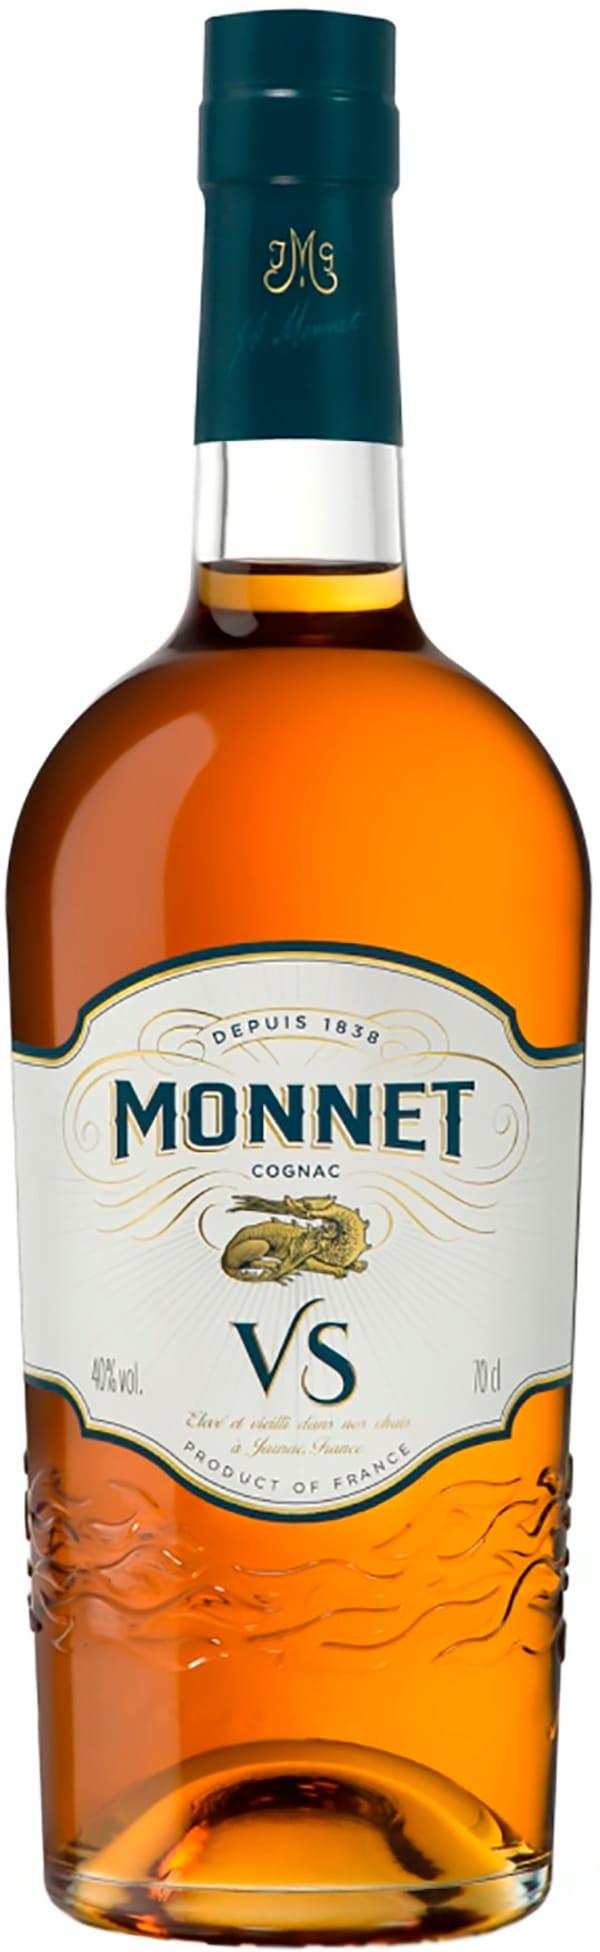 Monnet VS gift packaging